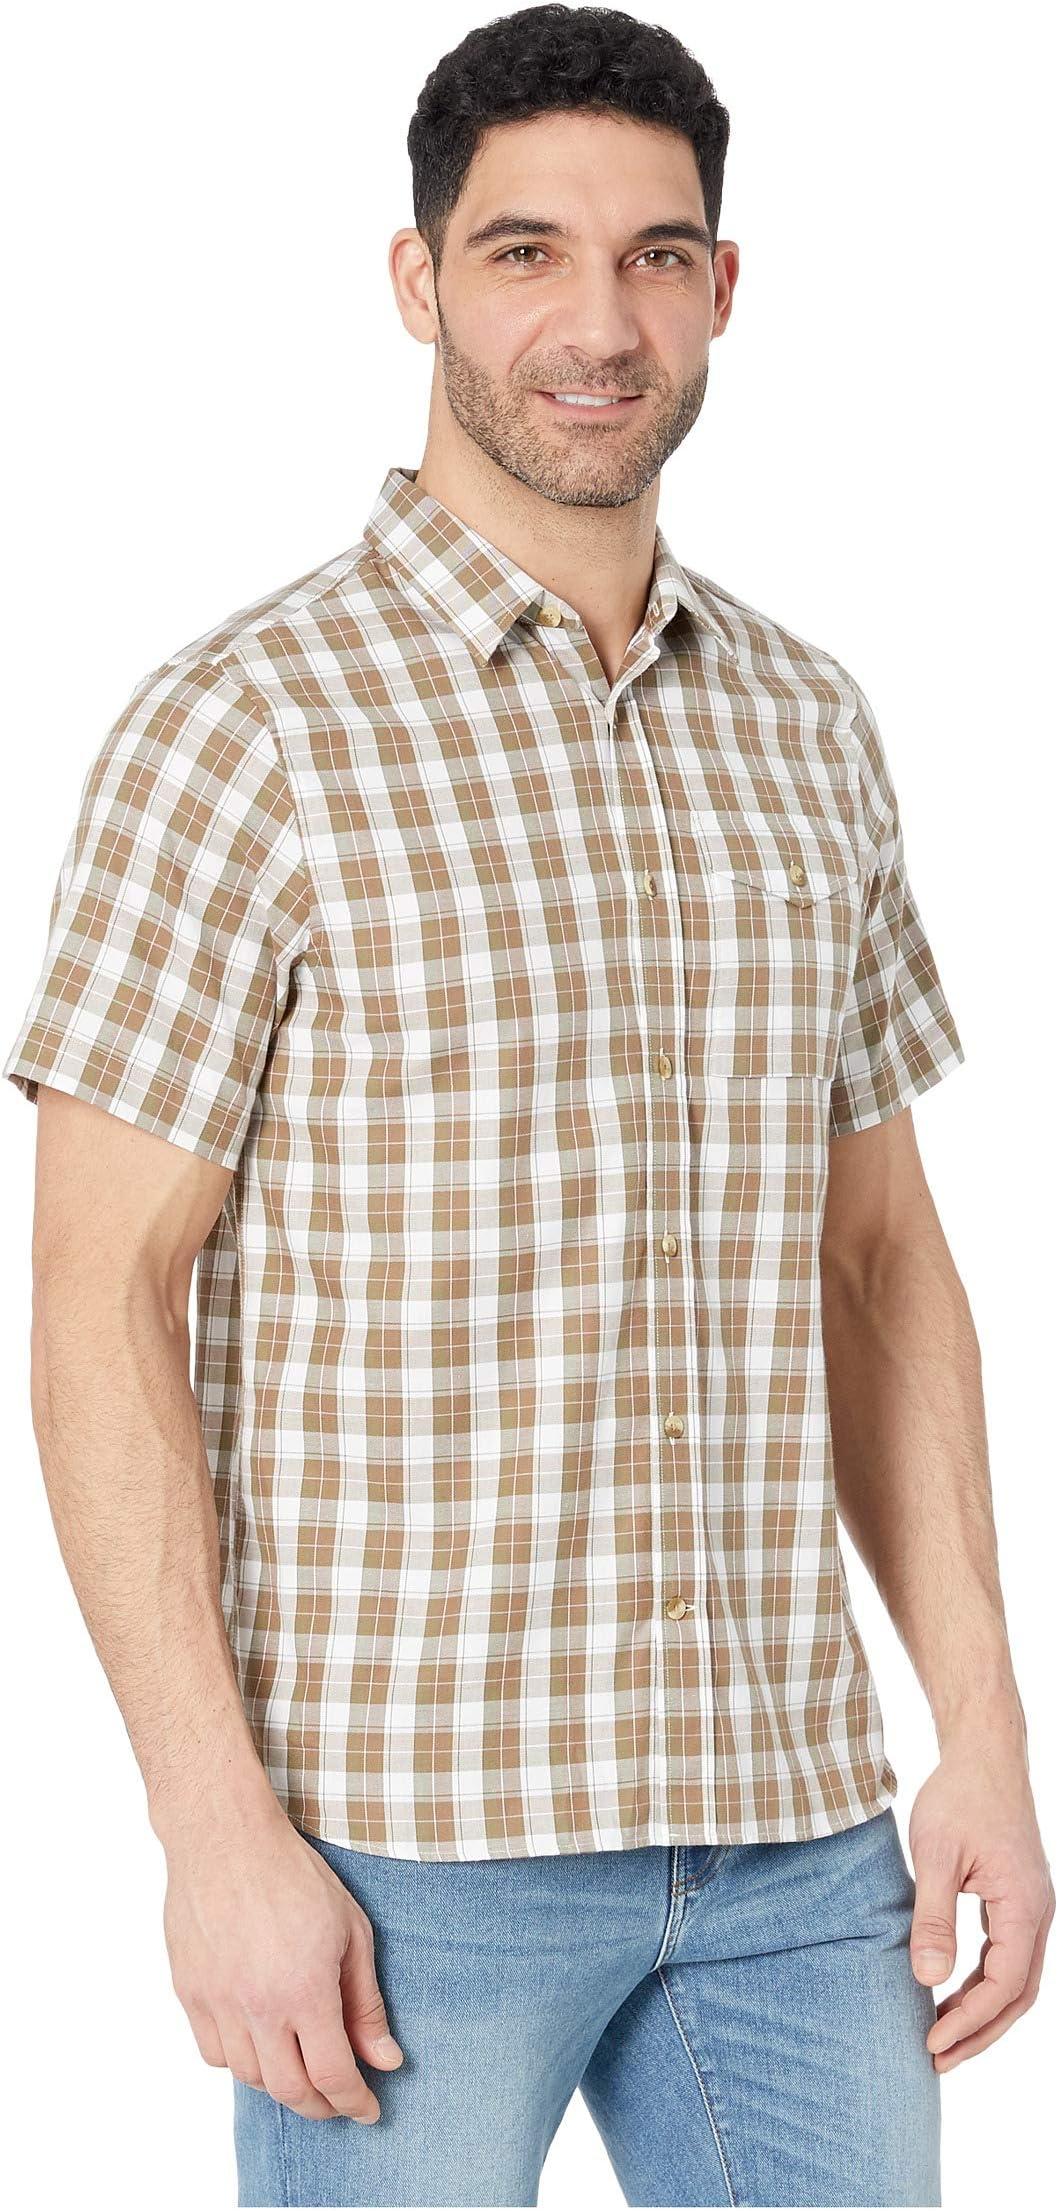 Fjällräven Sarek Short Sleeve Shirt mhO75